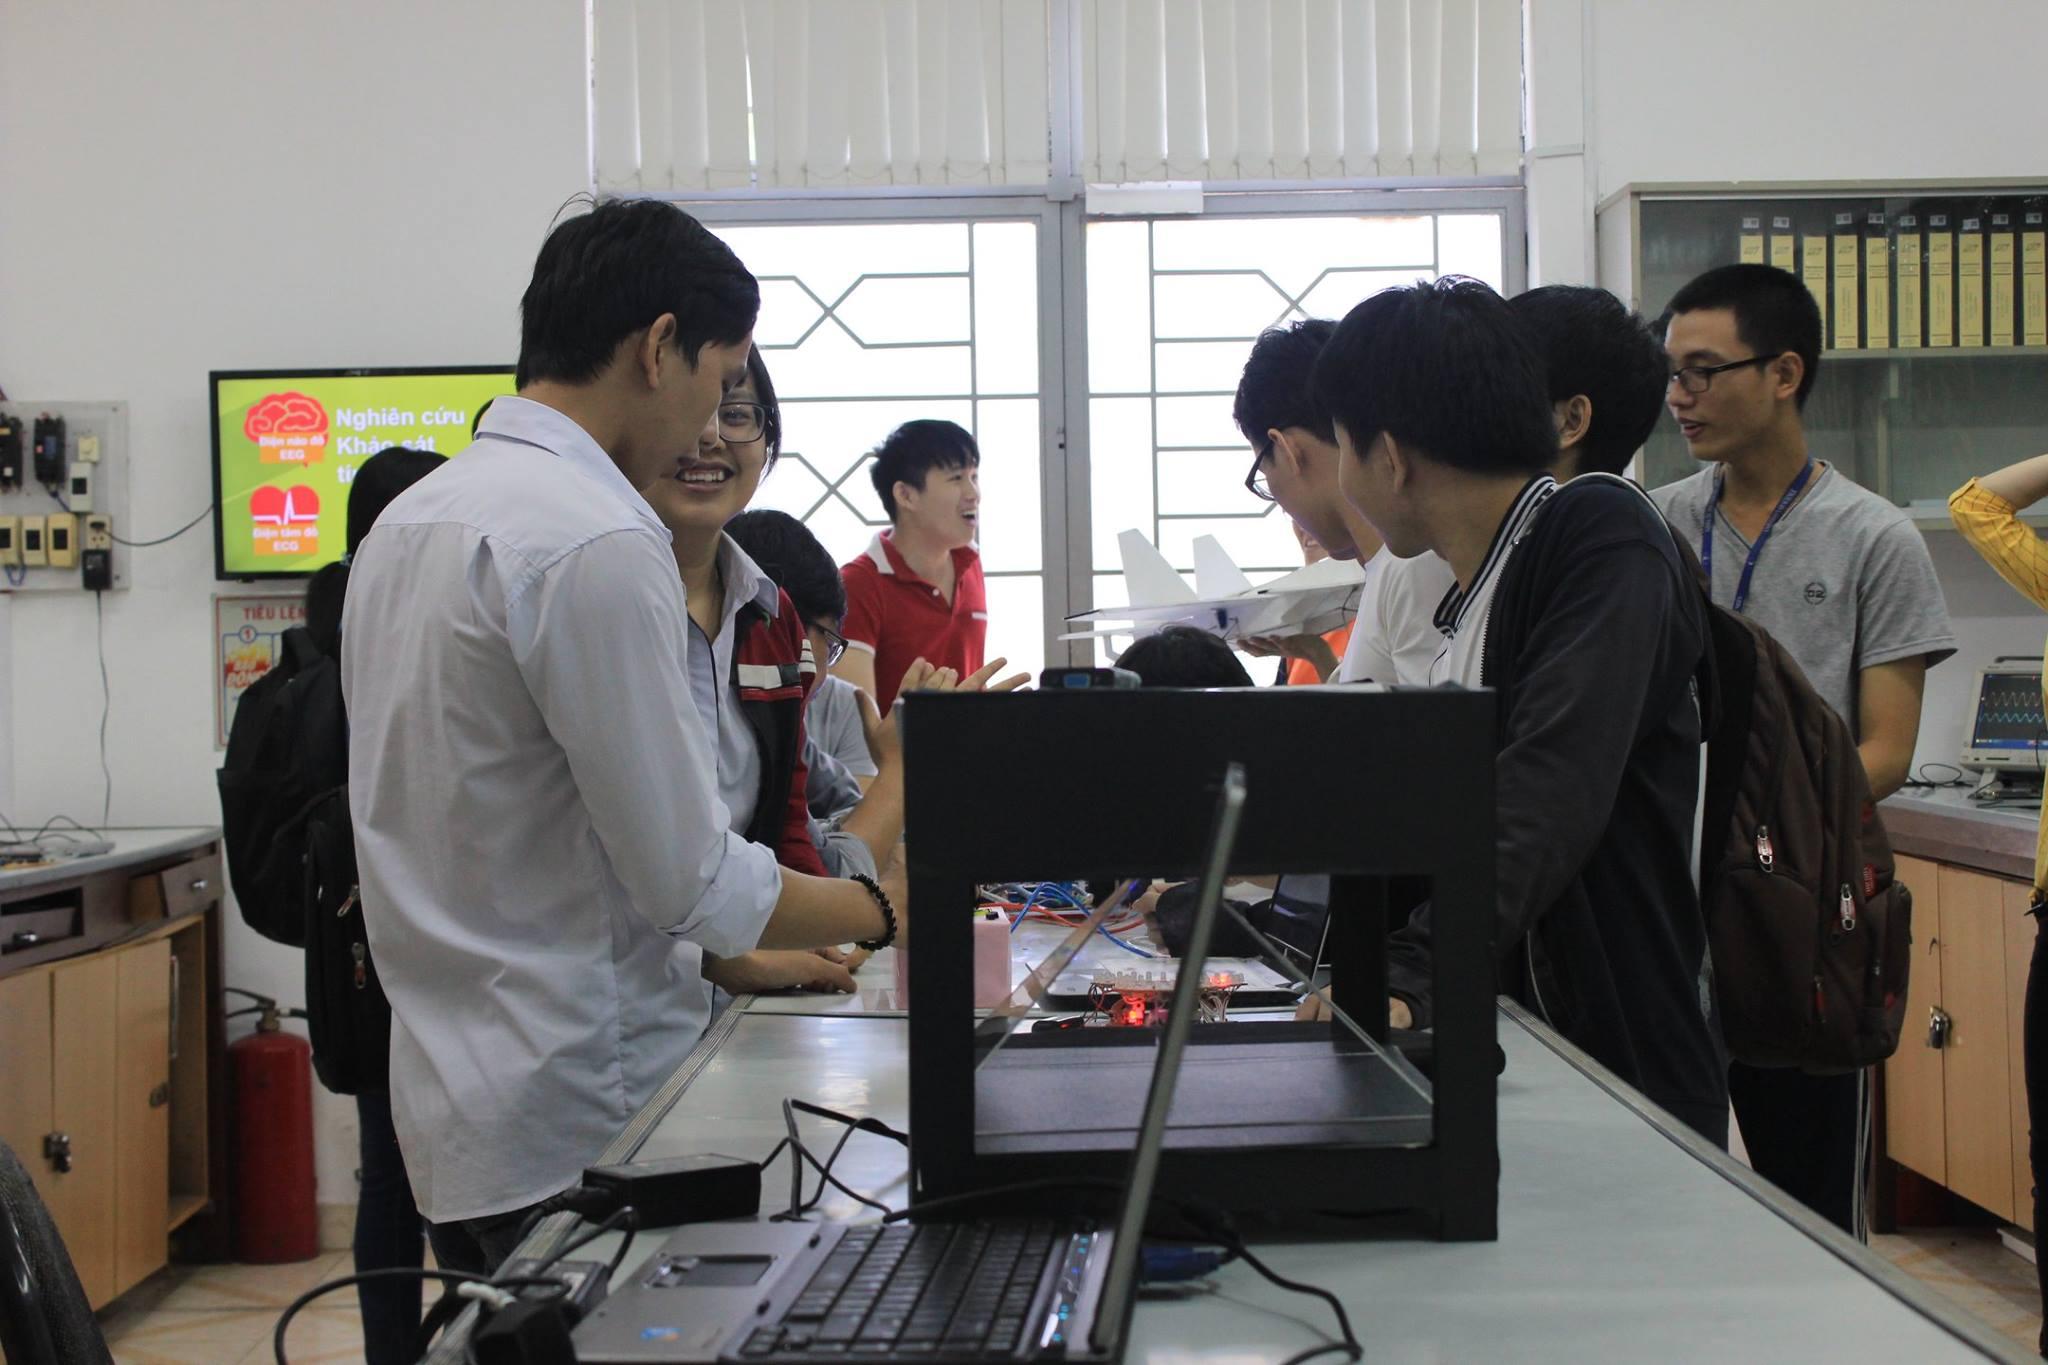 Tuyển dụng kỹ sư đã và sắp tốt nghiệp làm việc tại Trung tâm R&D của Tập đoàn NIDEC (cử đi Nhật Bản học tập)